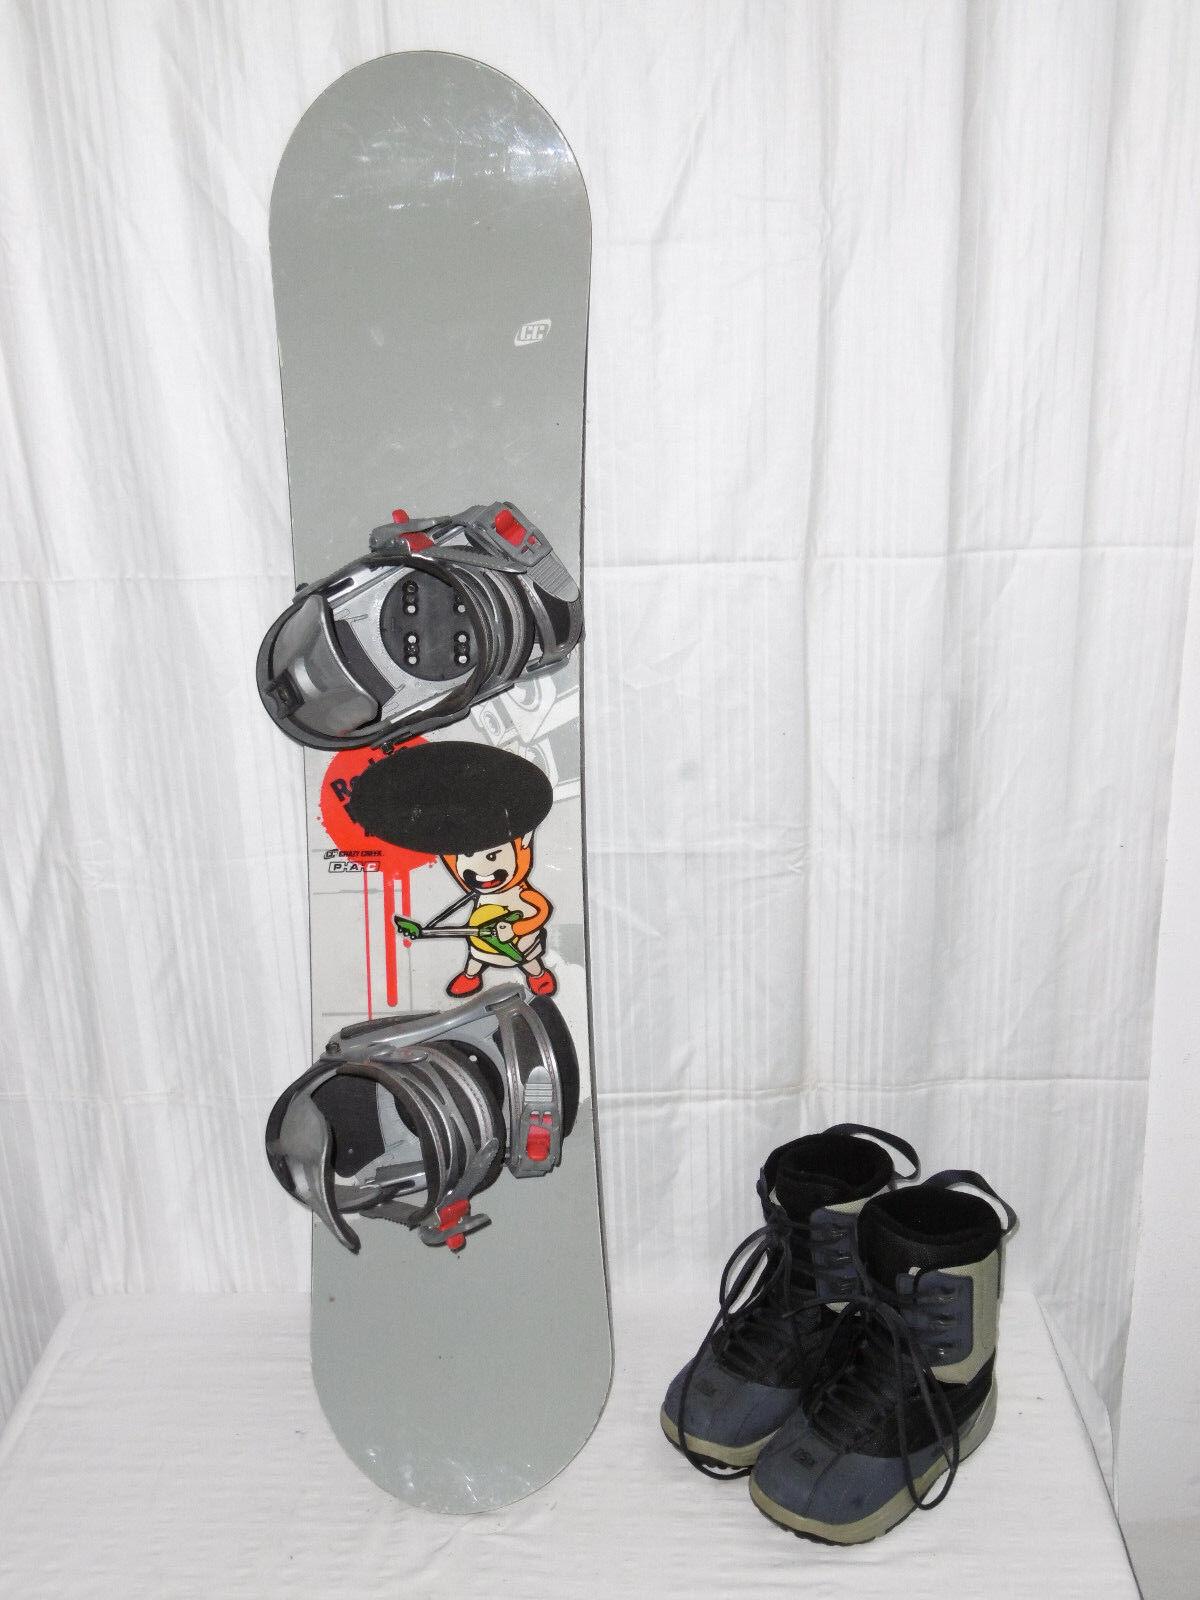 CRAZY CREEK   ROC   TOP JUNIOR FREESTYLE SNOWBOARD 118 CM + Stiefel GR.  37 IM SET